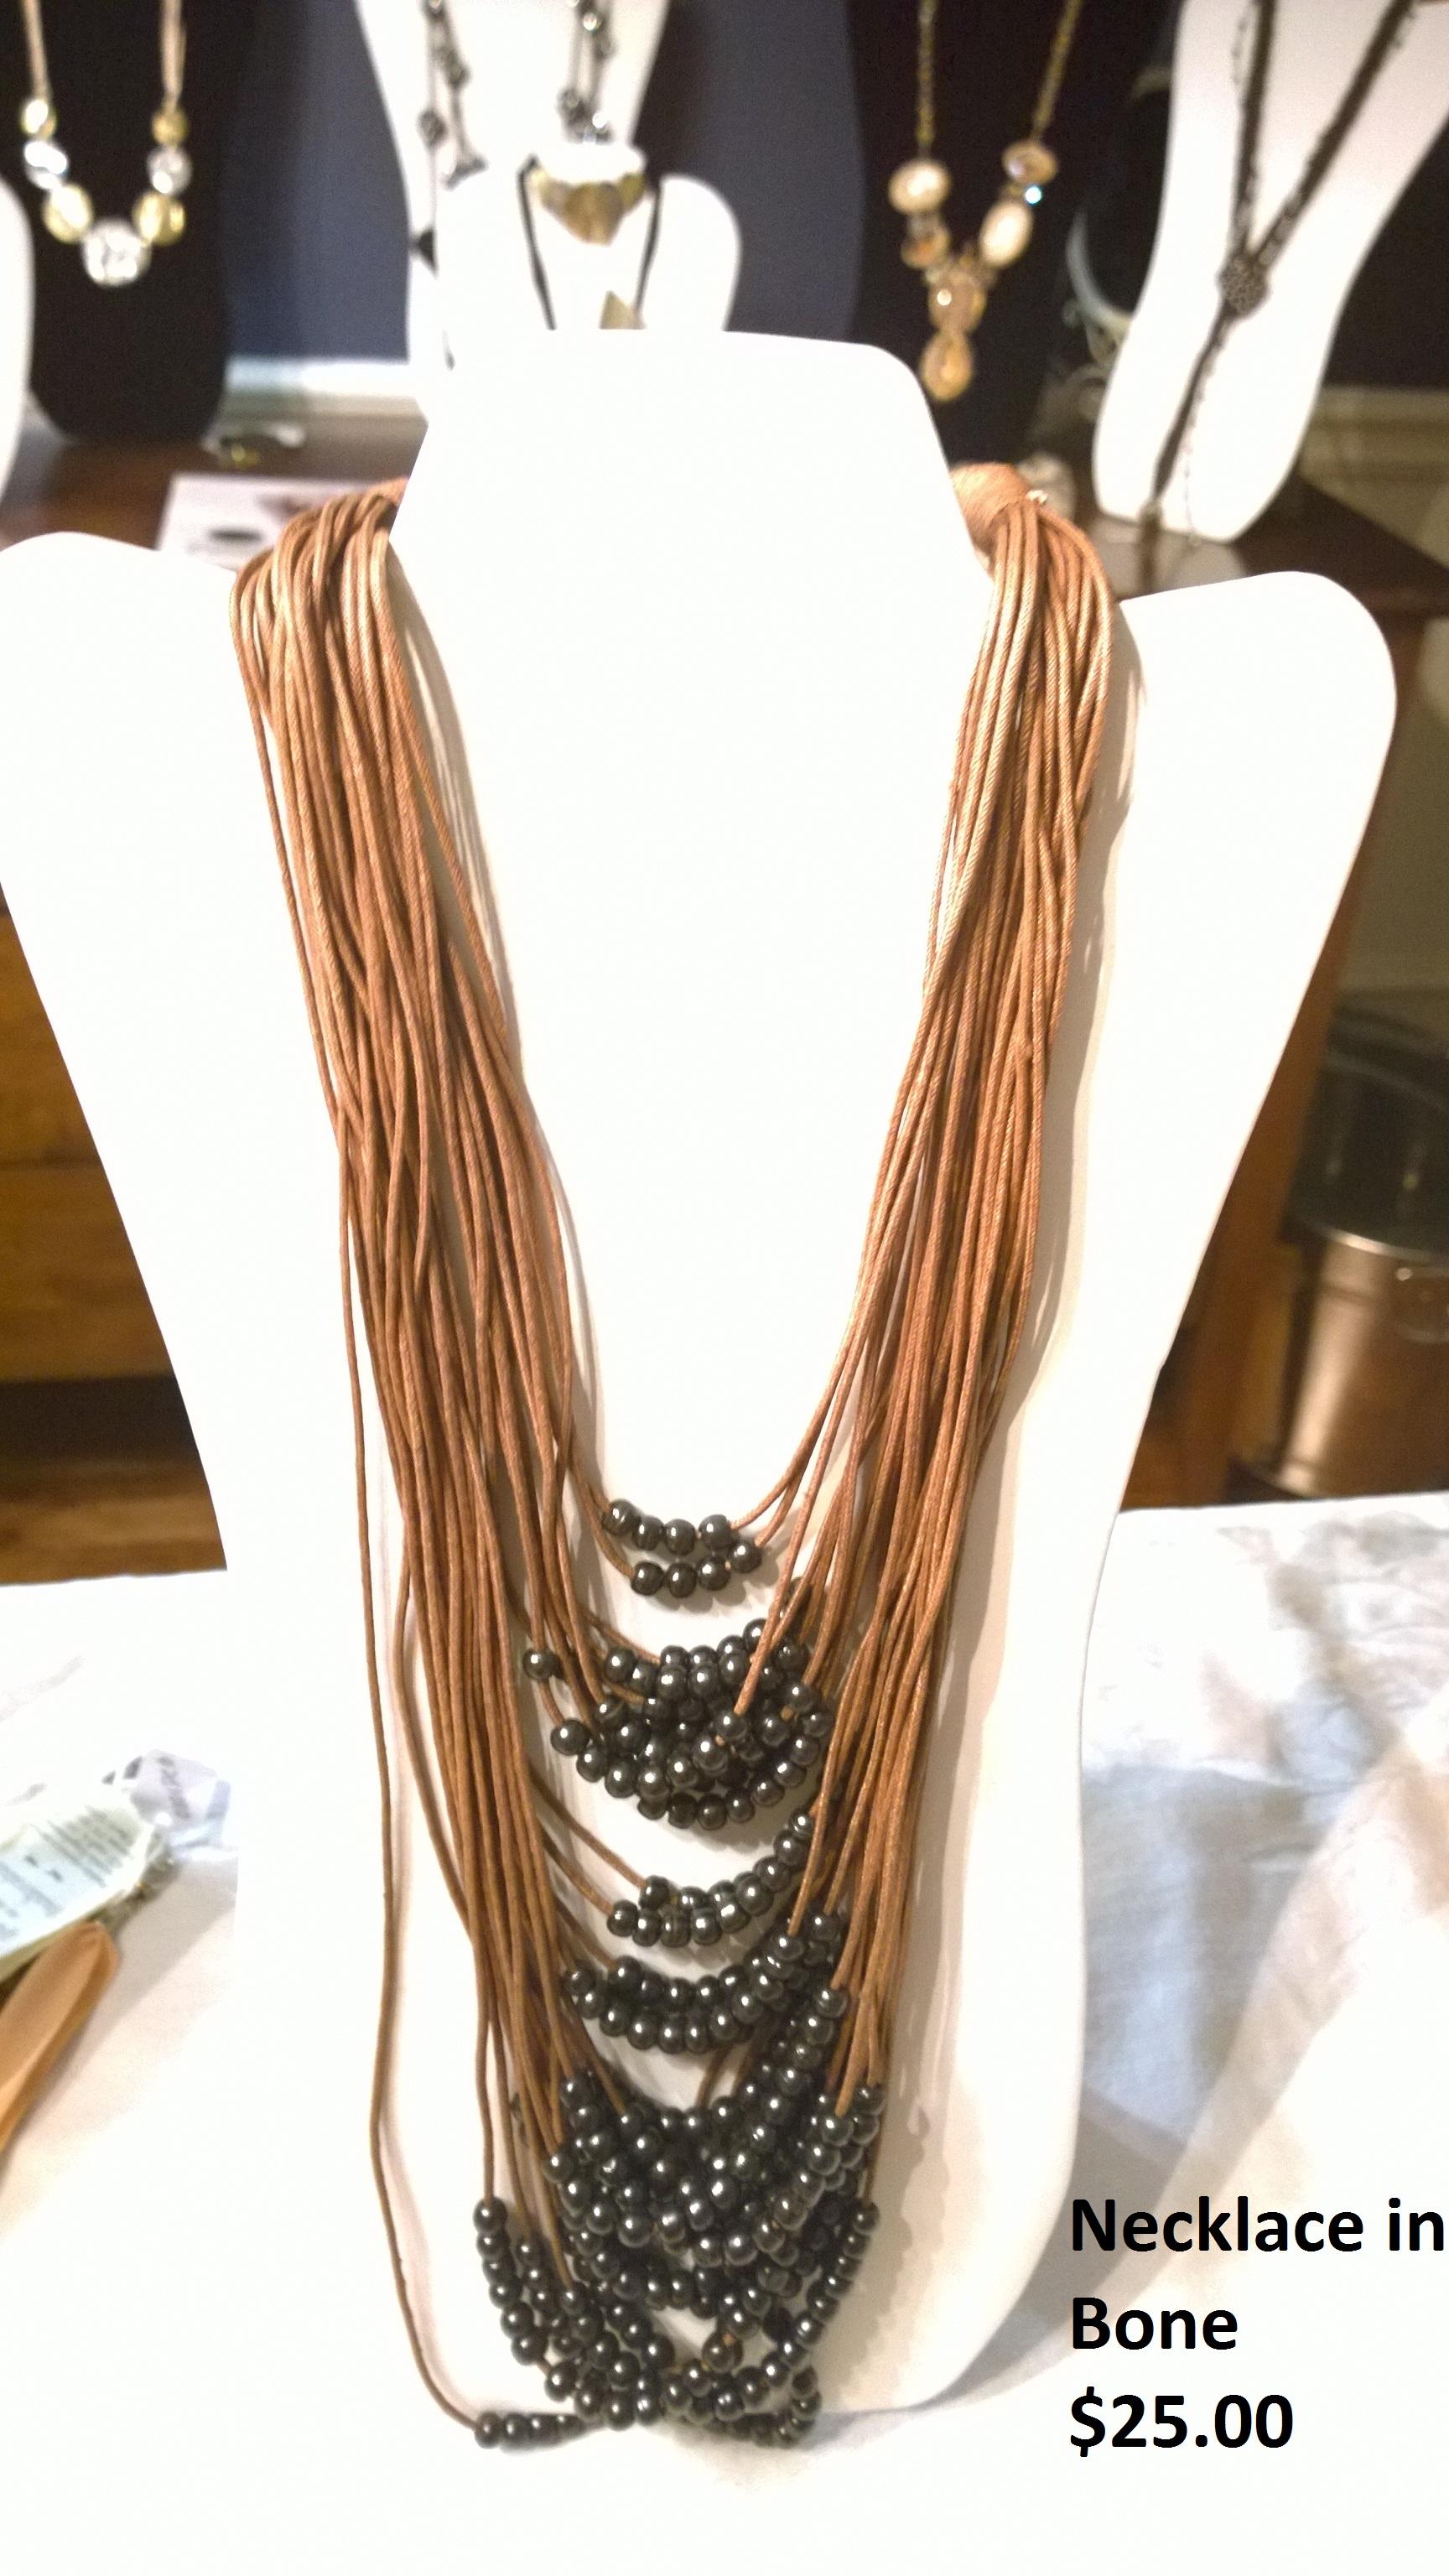 Necklace in Bone 0402NB